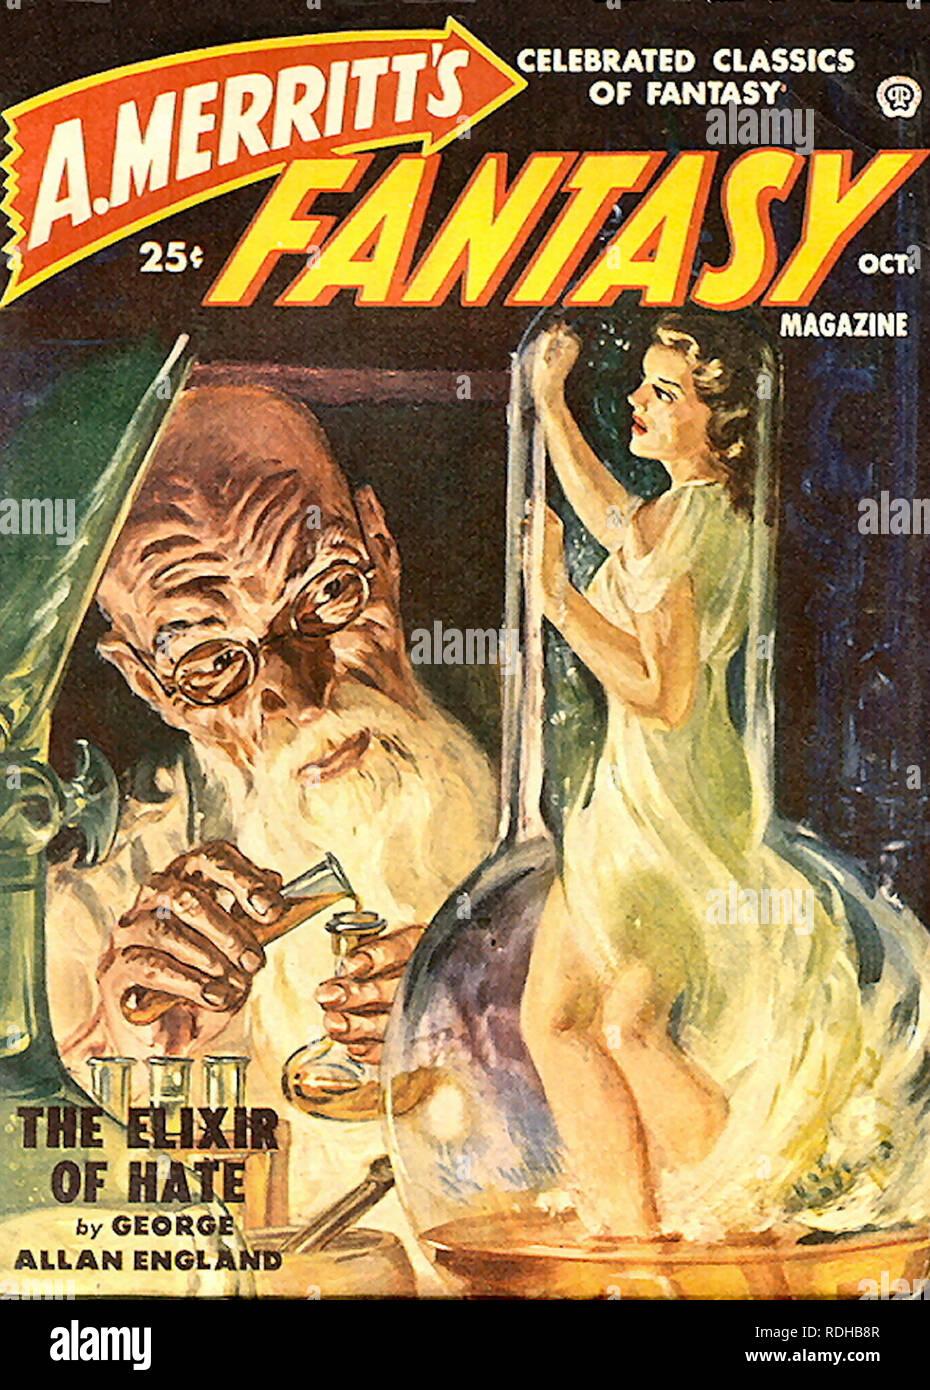 Fantasy Magazine October 1950. - Stock Image